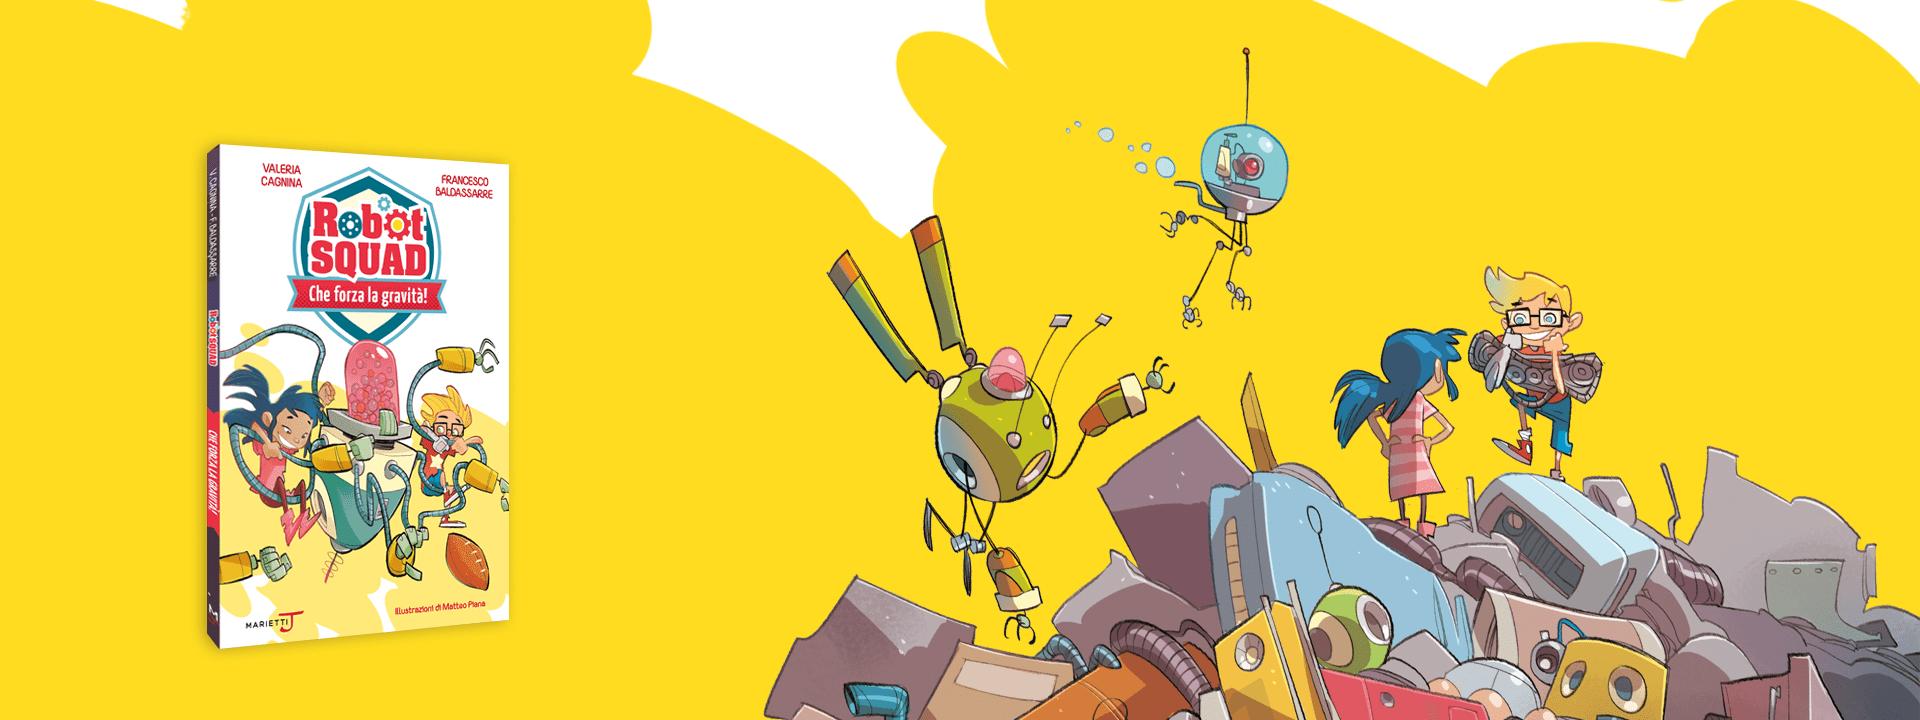 robot squad che forza la gravità